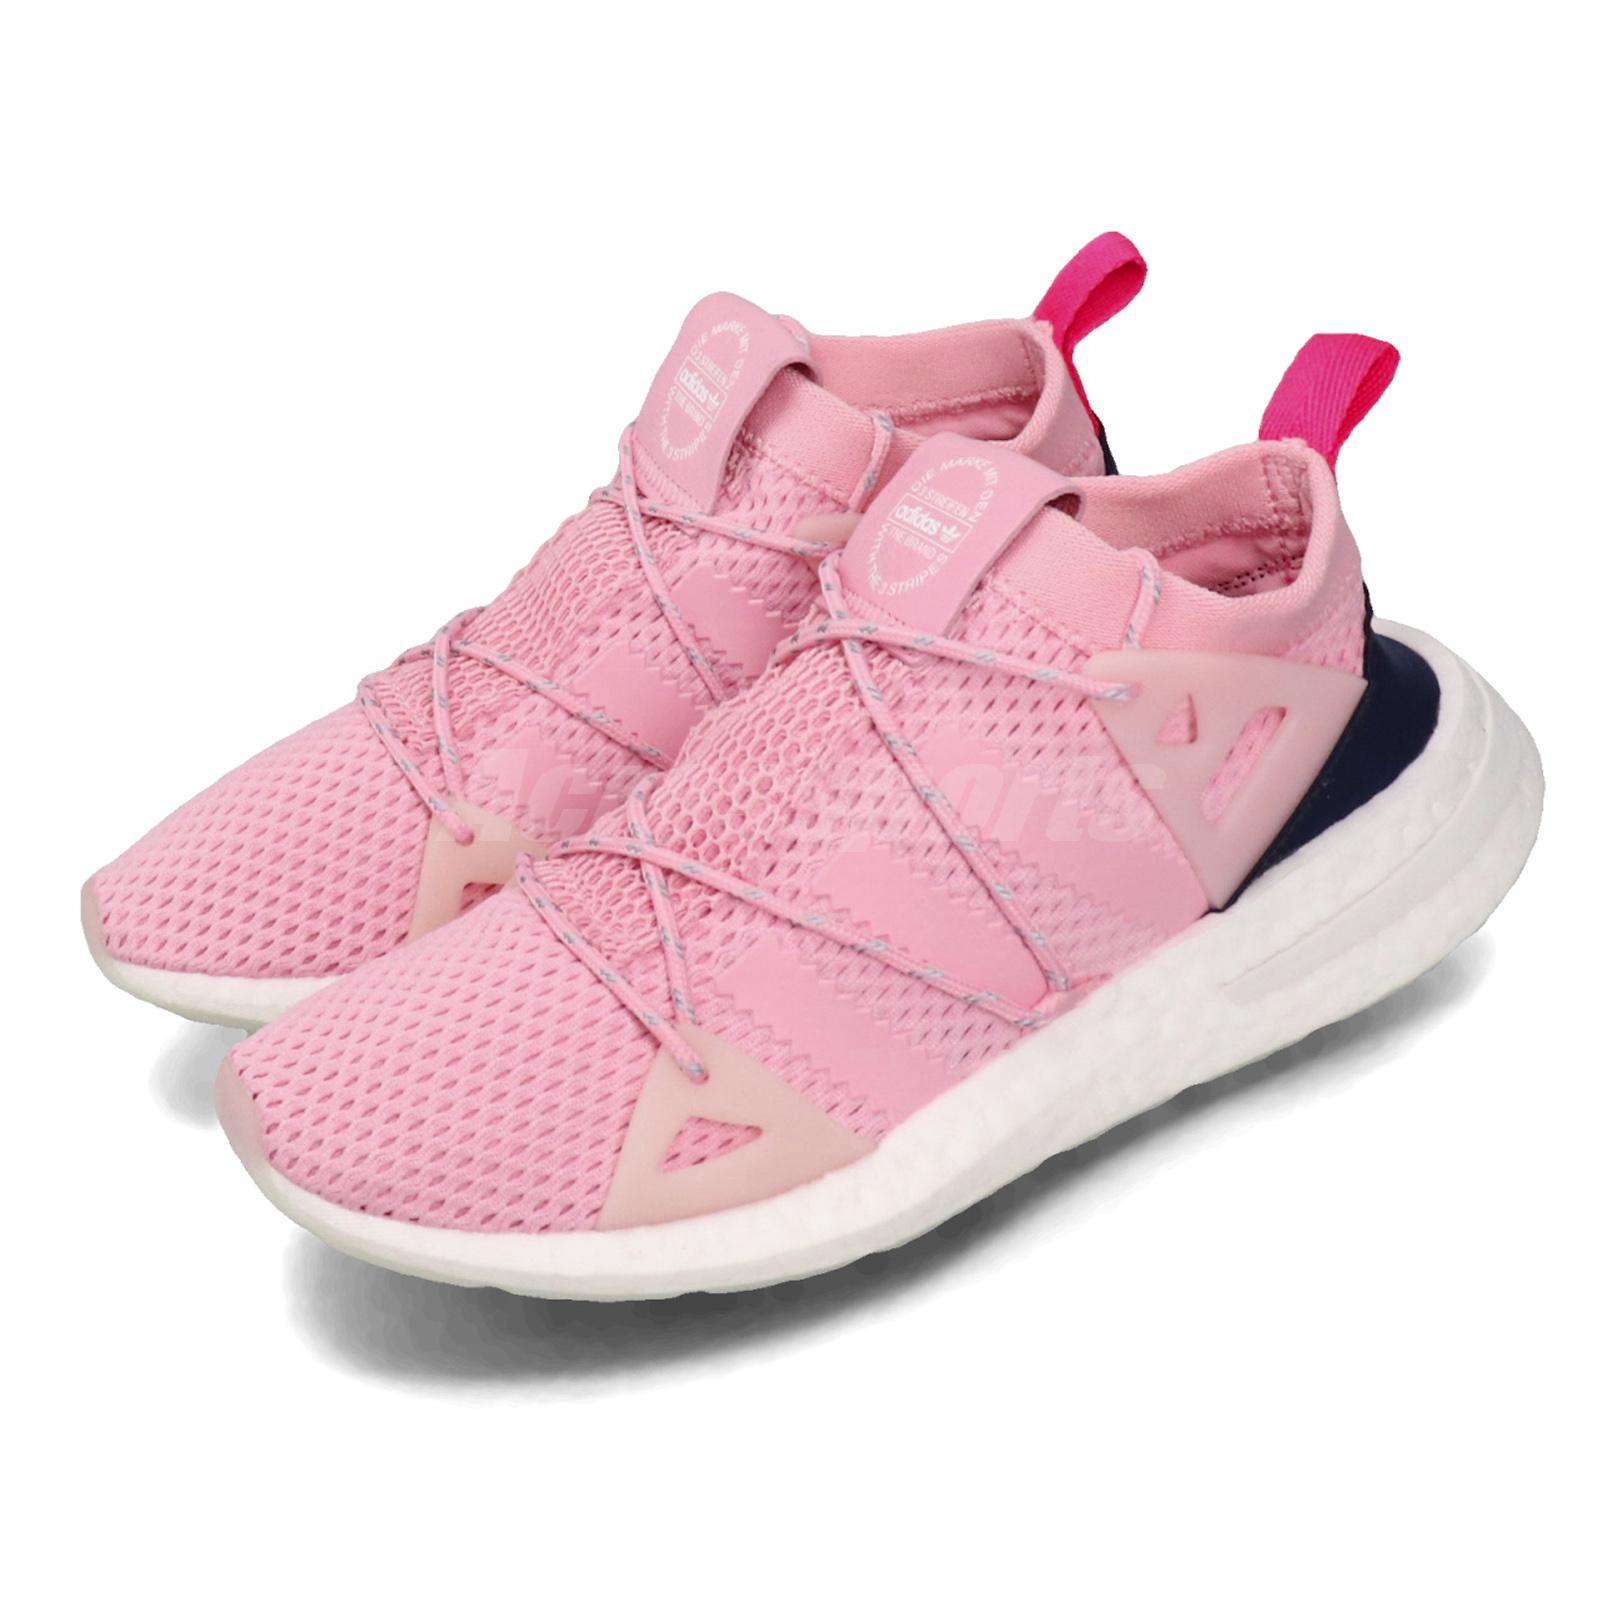 adidas arkyn pink